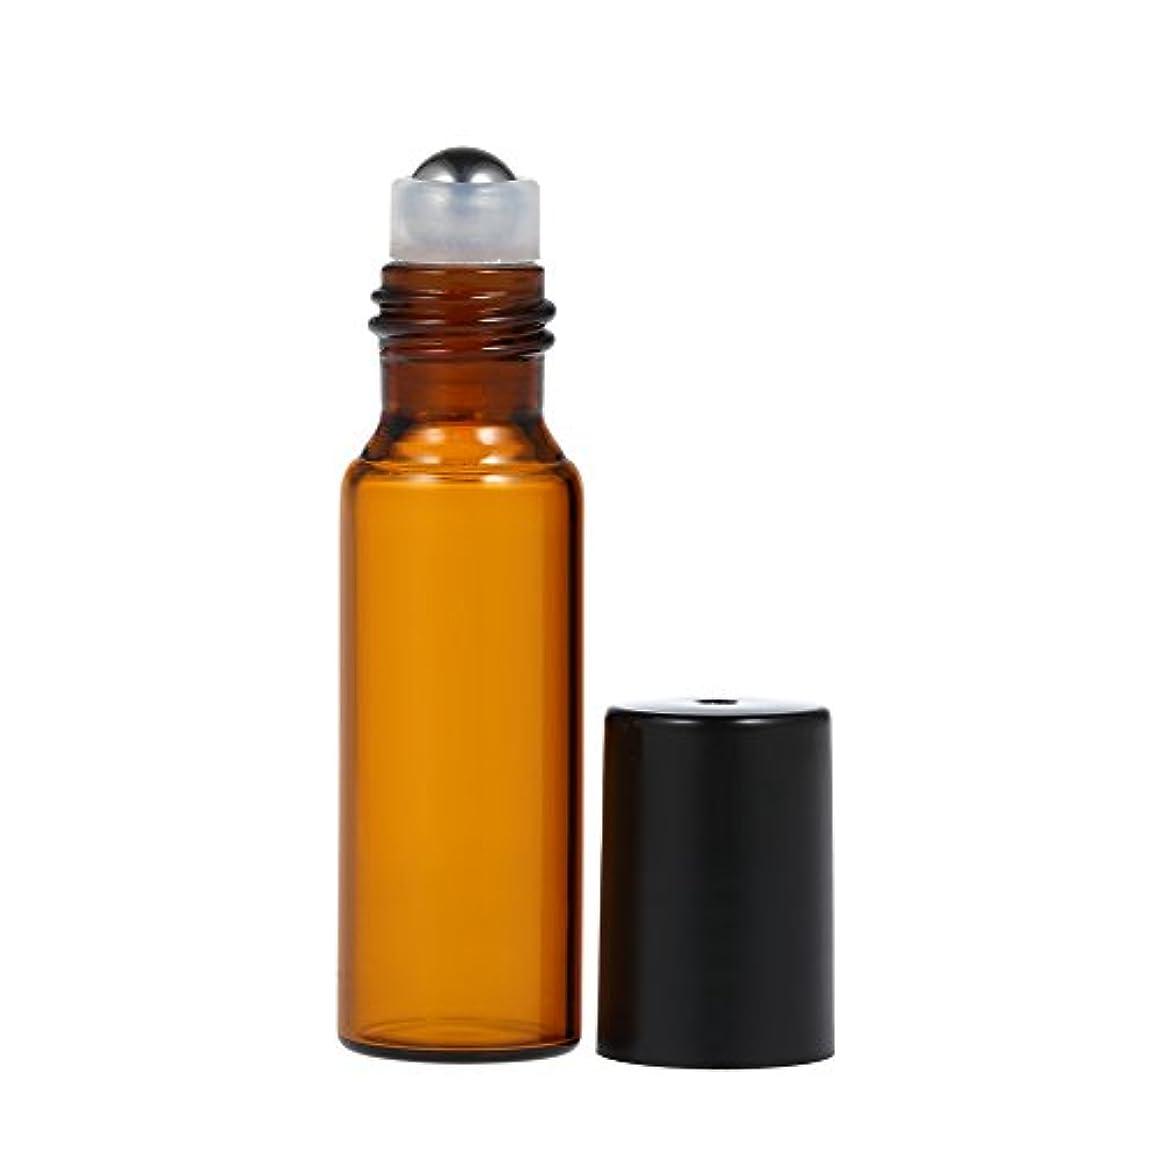 発生孤独な辞書Decdeal エッセンシャルオイルボトル アンバー ガラスボトル エッセンシャルオイルジャー 10個10ml